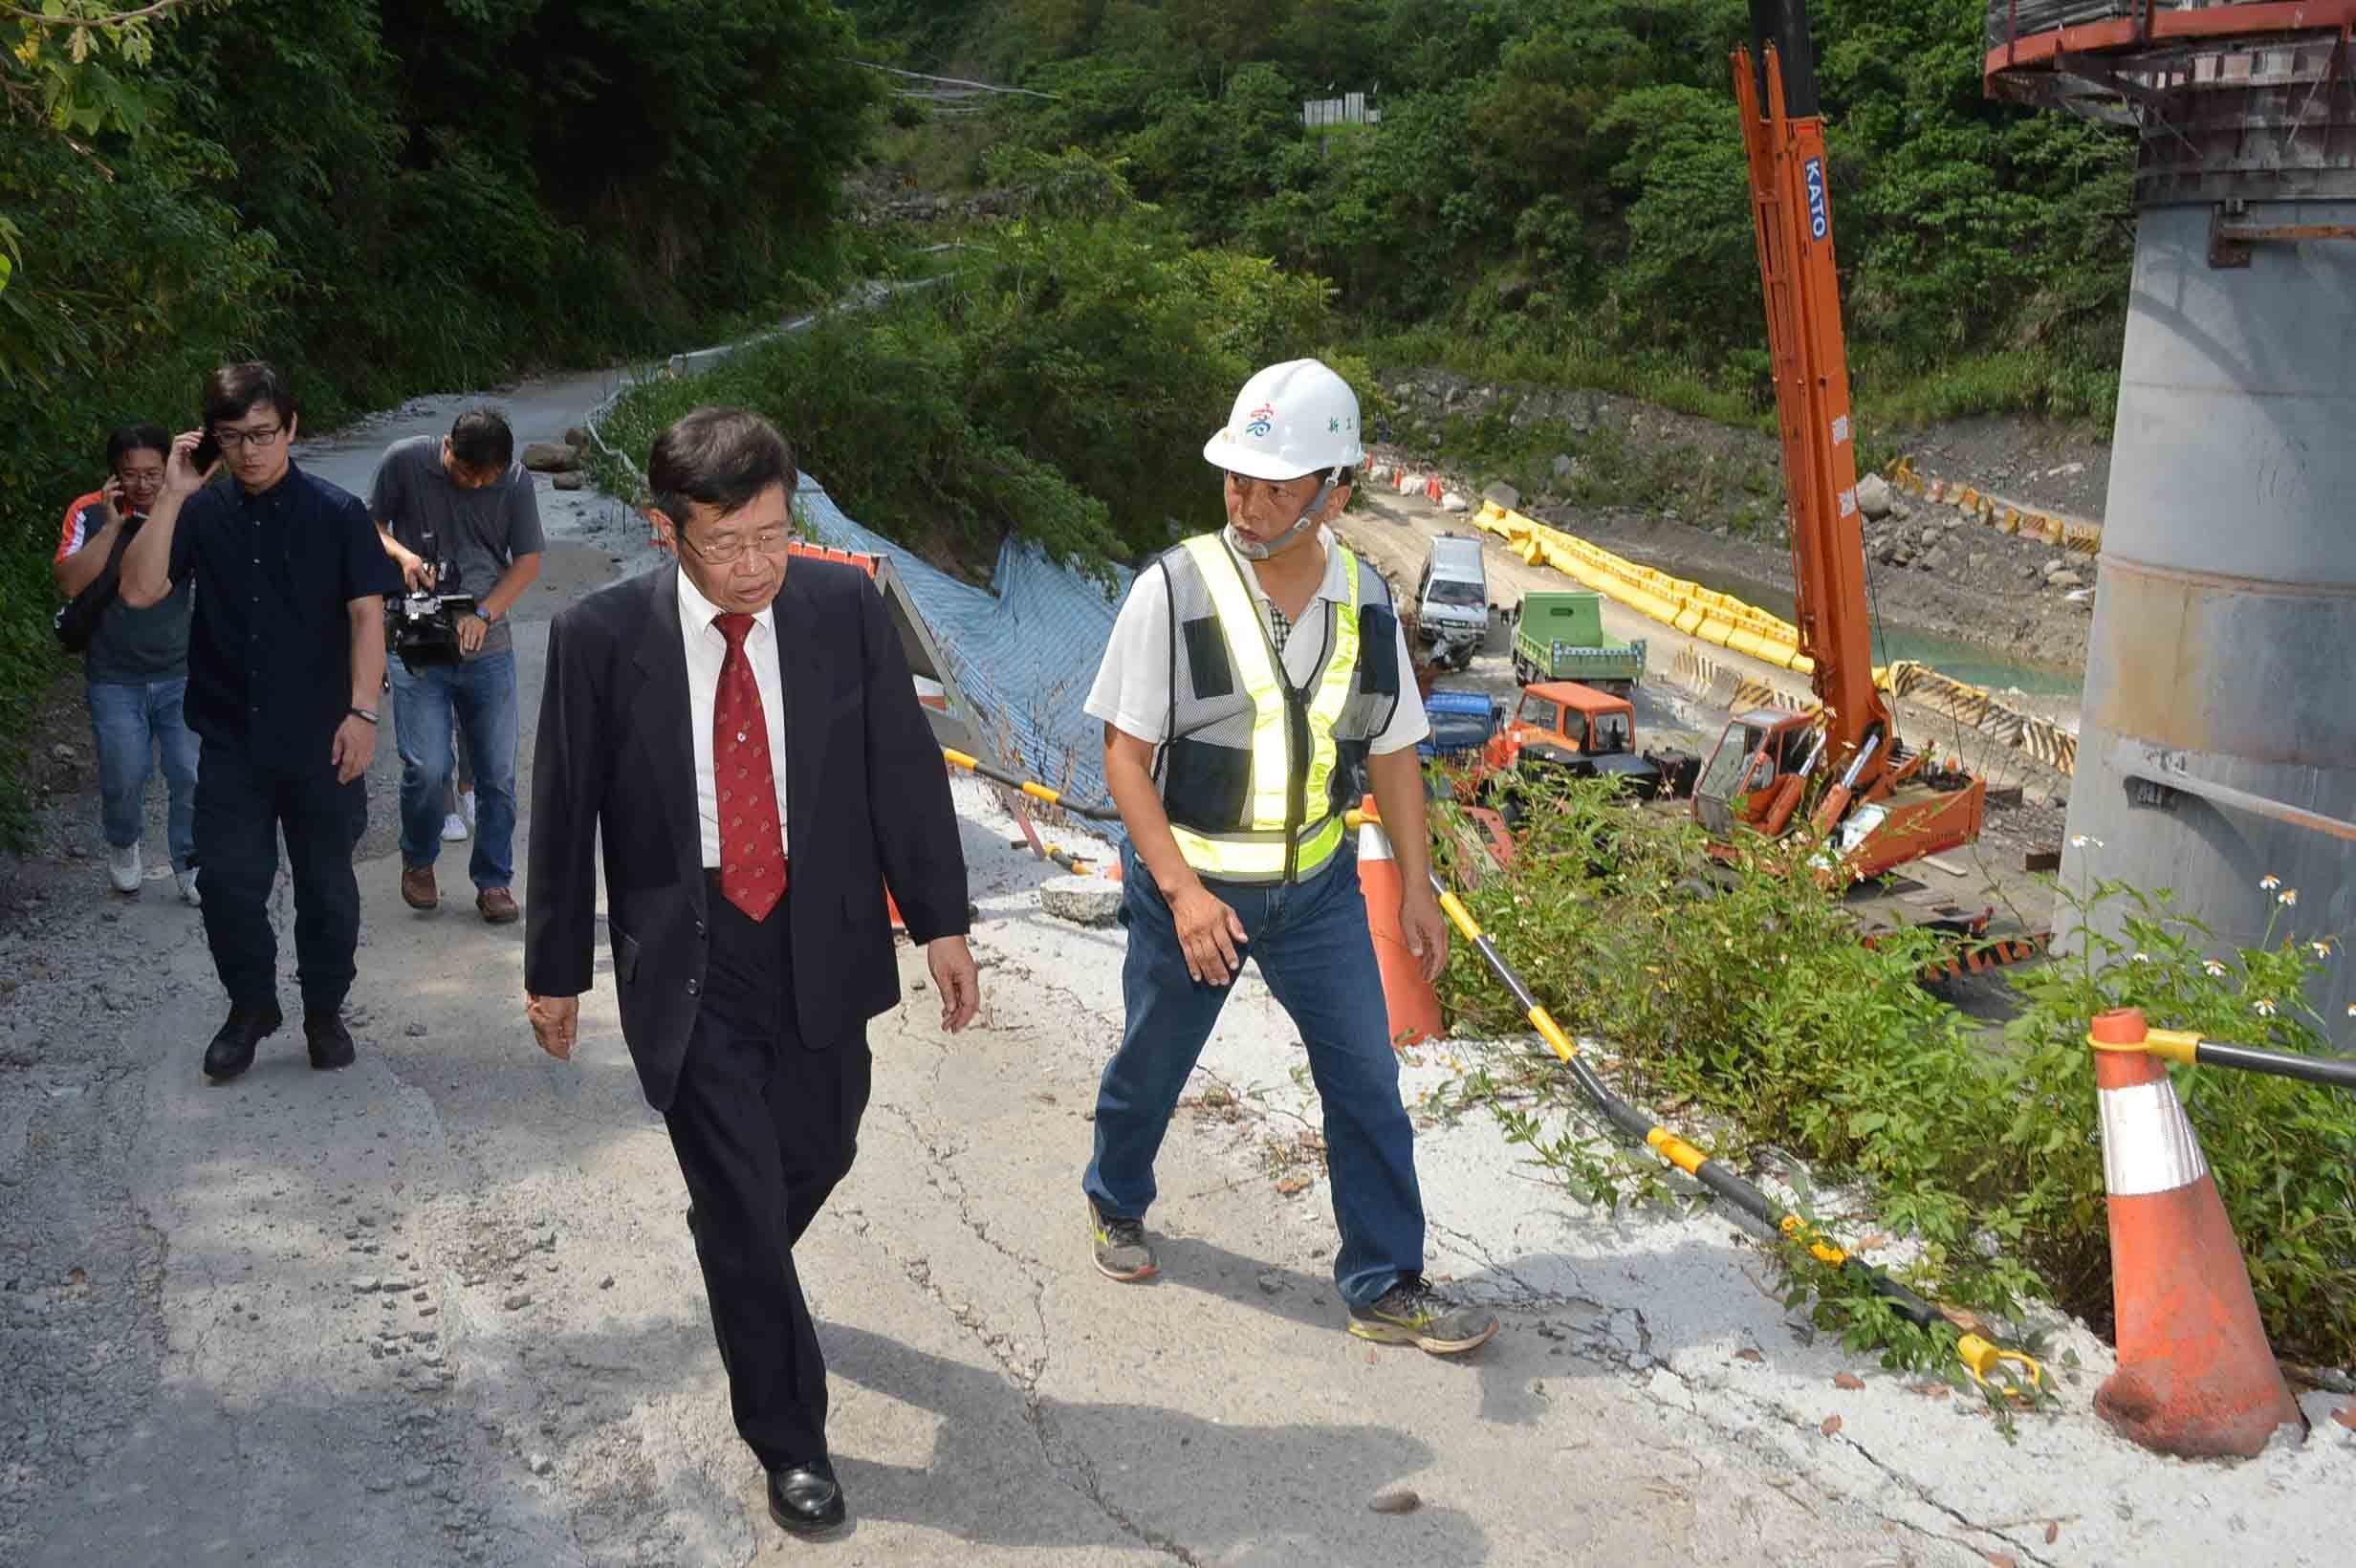 正值防汛期,楊明州代理市長前往桃源區視察,瞭解建國橋施工狀況.jpg